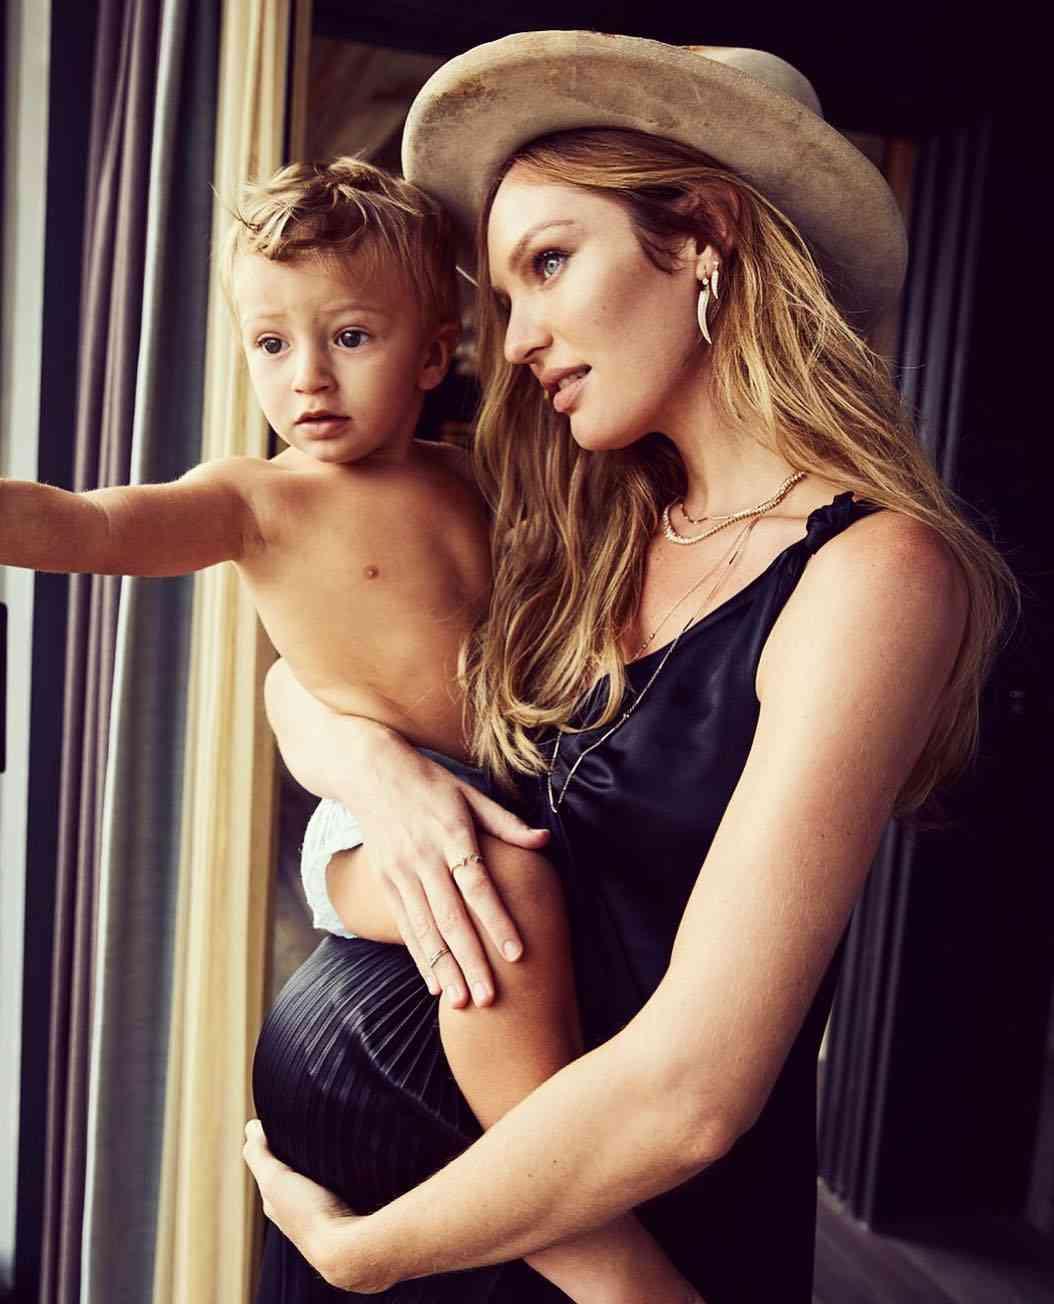 キャンディス・スワンポール、次男誕生まもなく 巨大なお腹の写真を公開